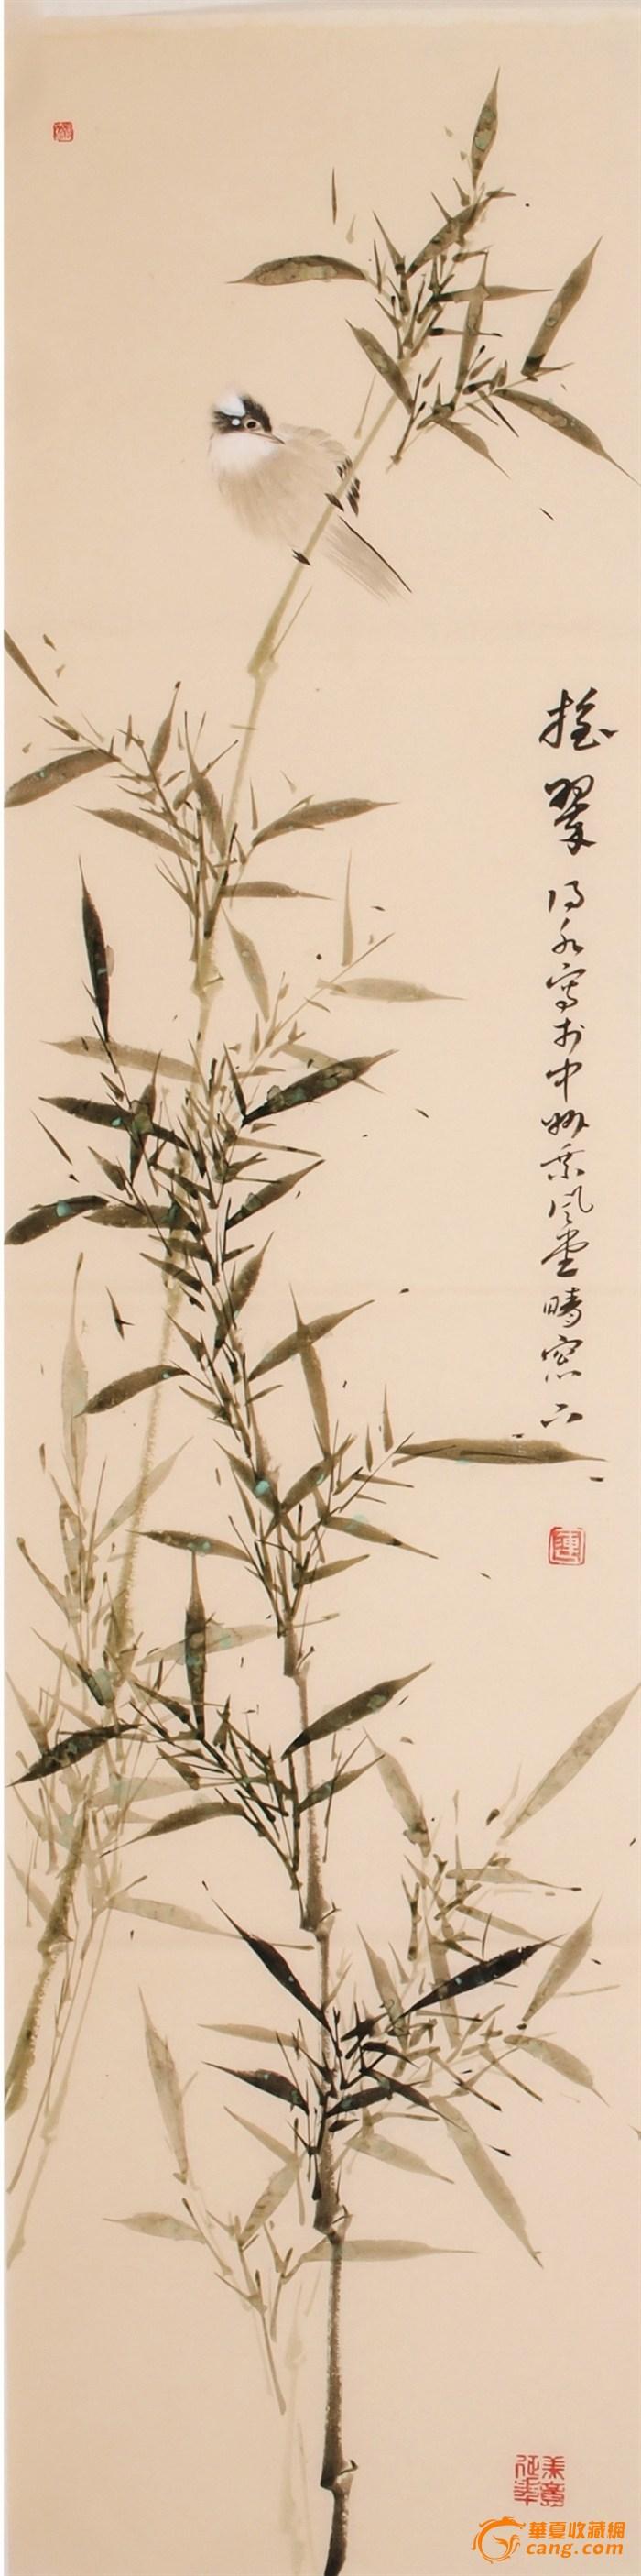 好字画 国画竹子绿竹字画手绘四条屏